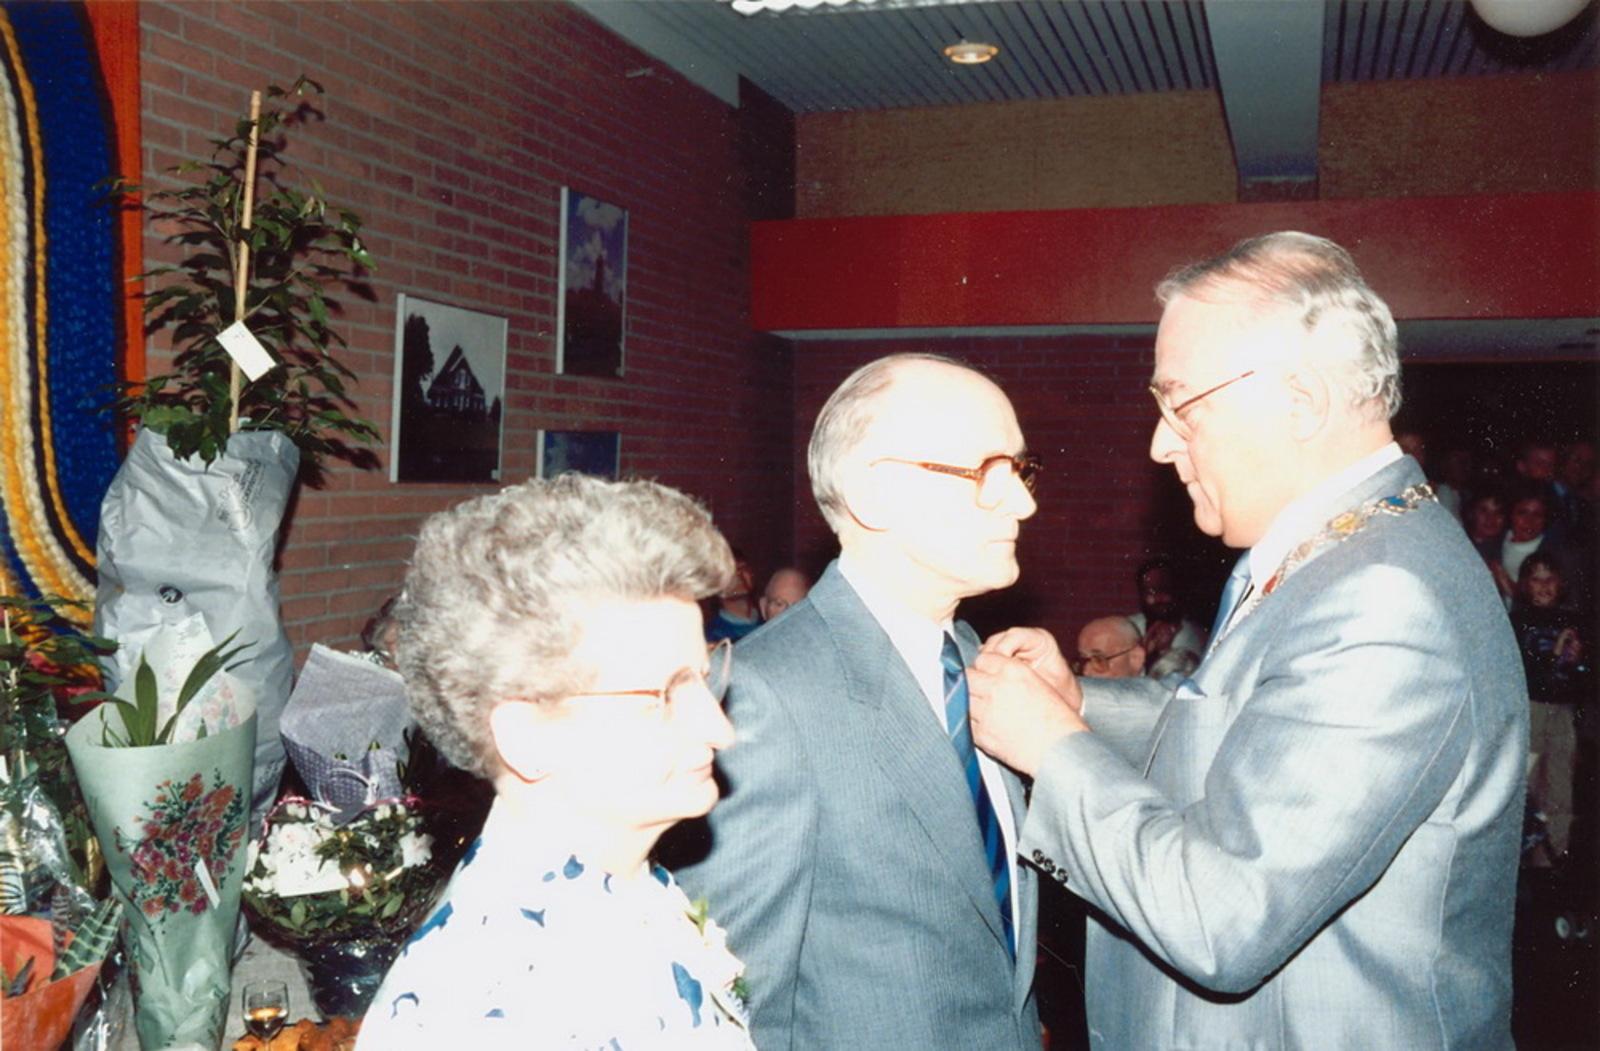 Marktlaan O 0022 1988 Sigarenboer Kraak 50jr Jub en Sluiting 75